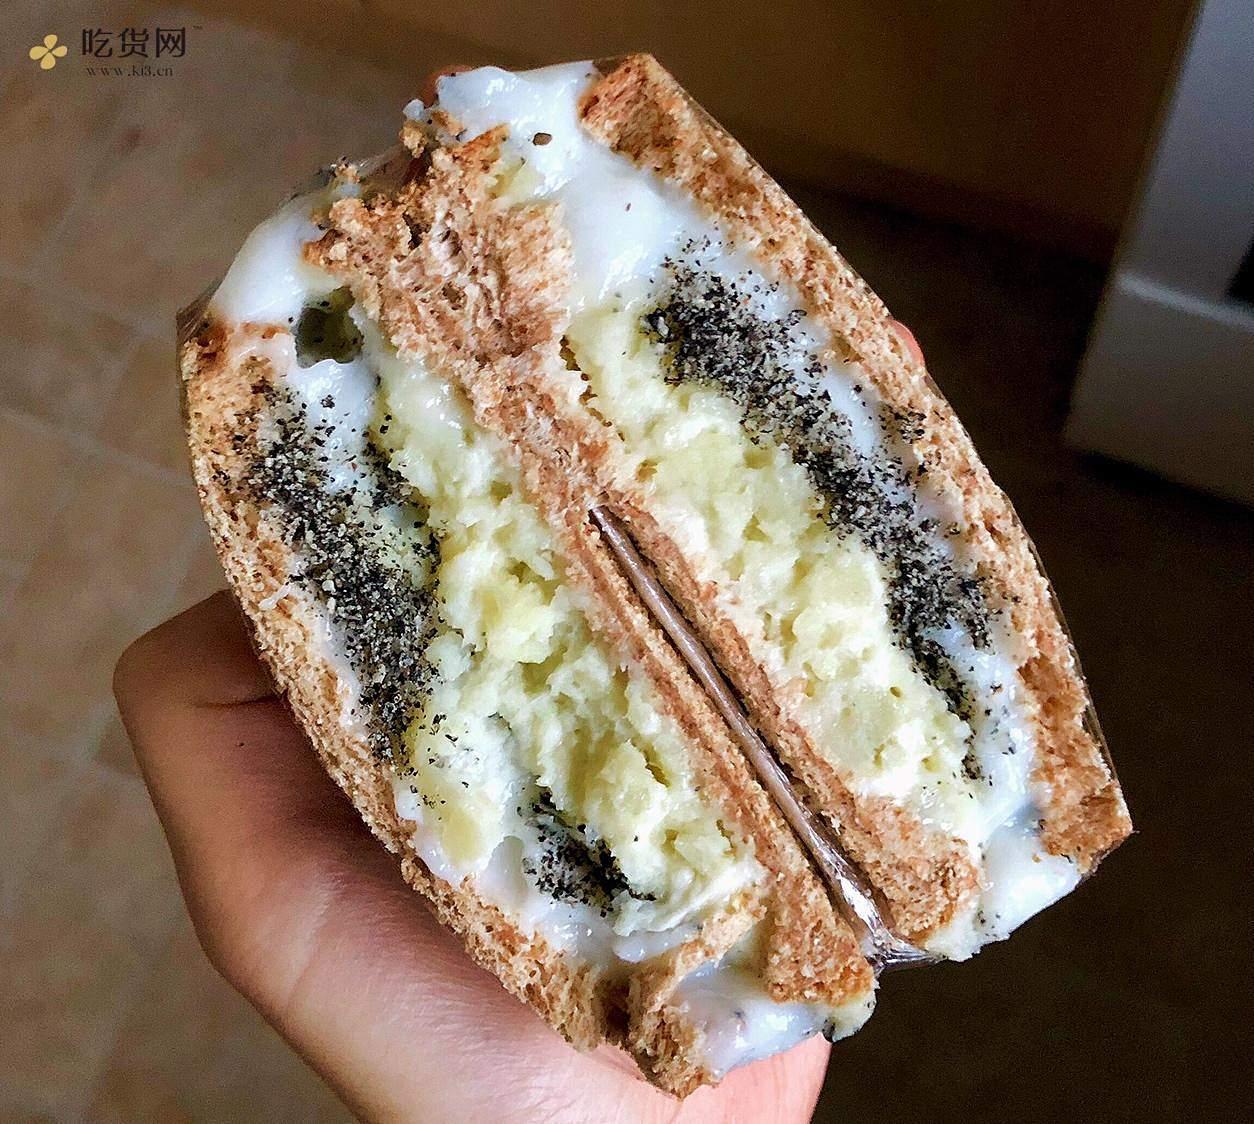 视觉味觉爆炸的全麦三明治系列|减脂万能公式 欢迎来玩!的做法 步骤16